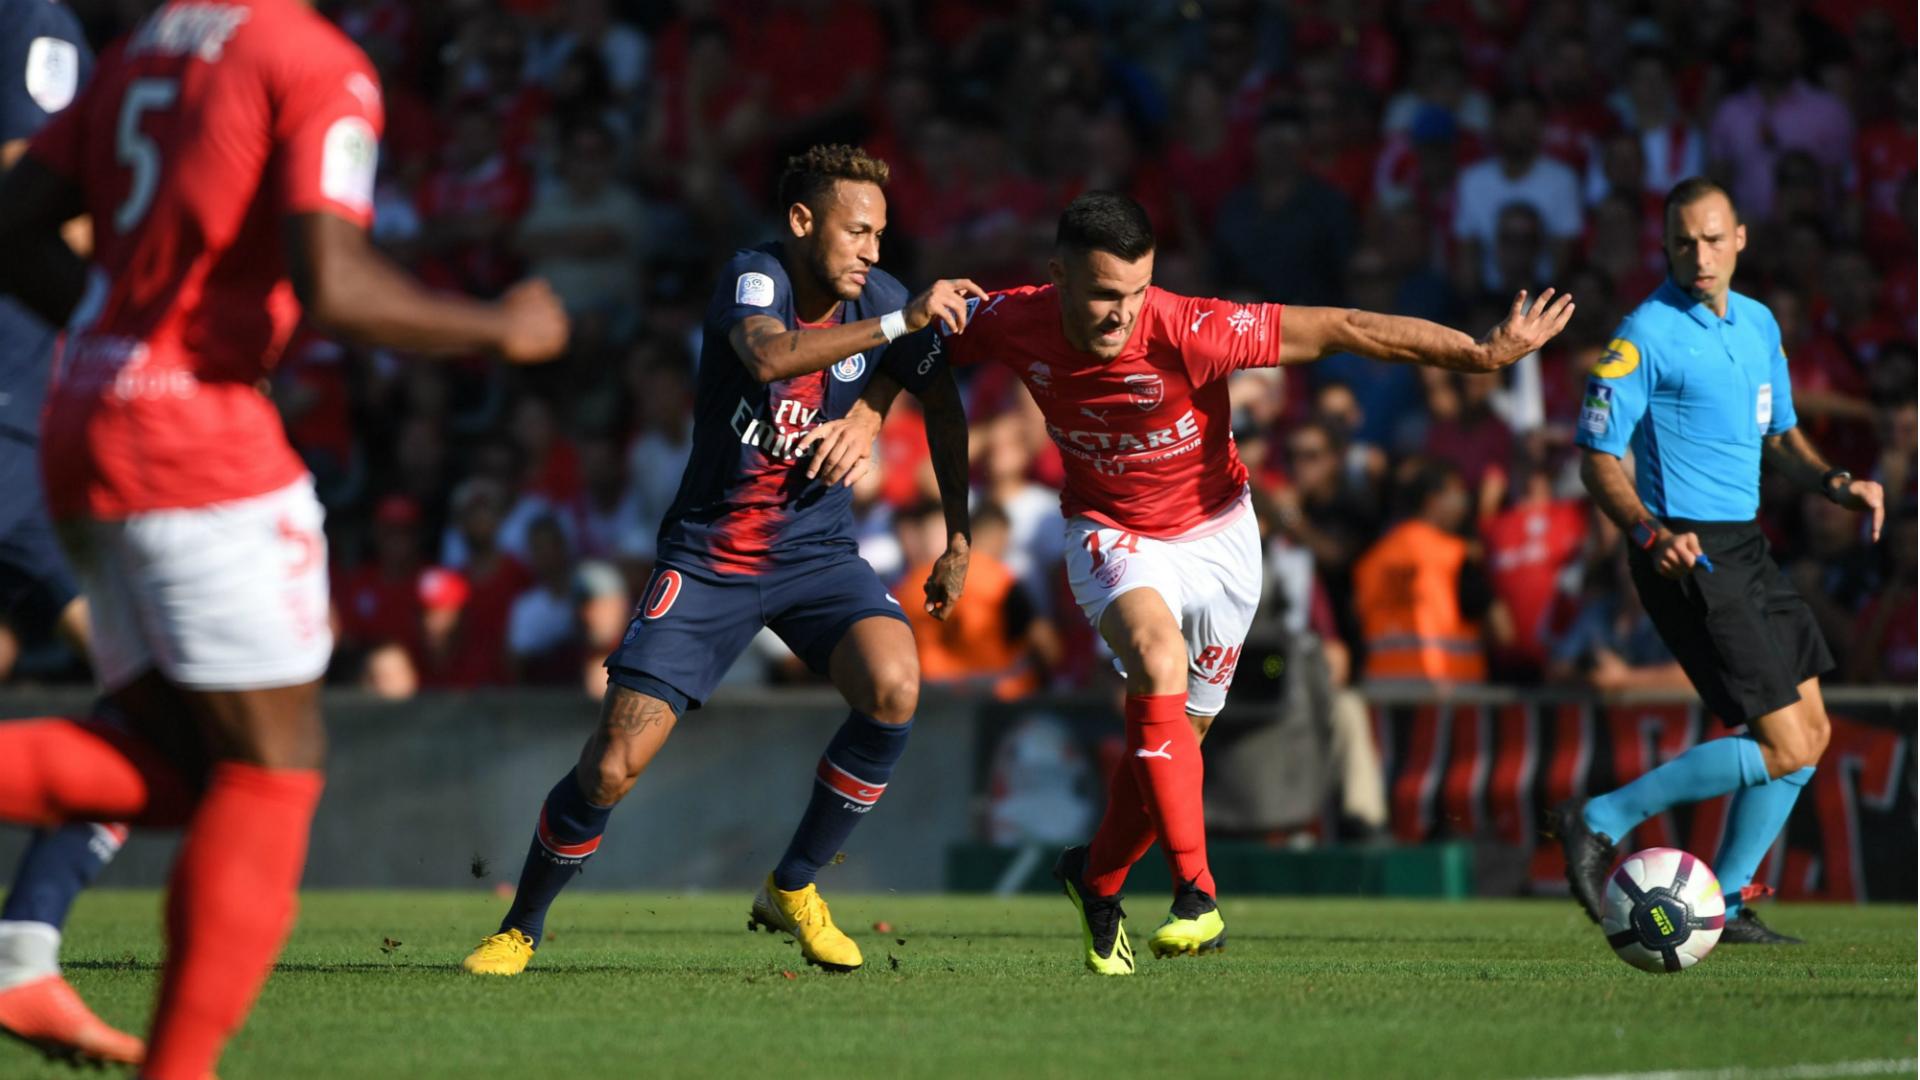 Antonin Bobichon Neymar Nimes PSG 01092018